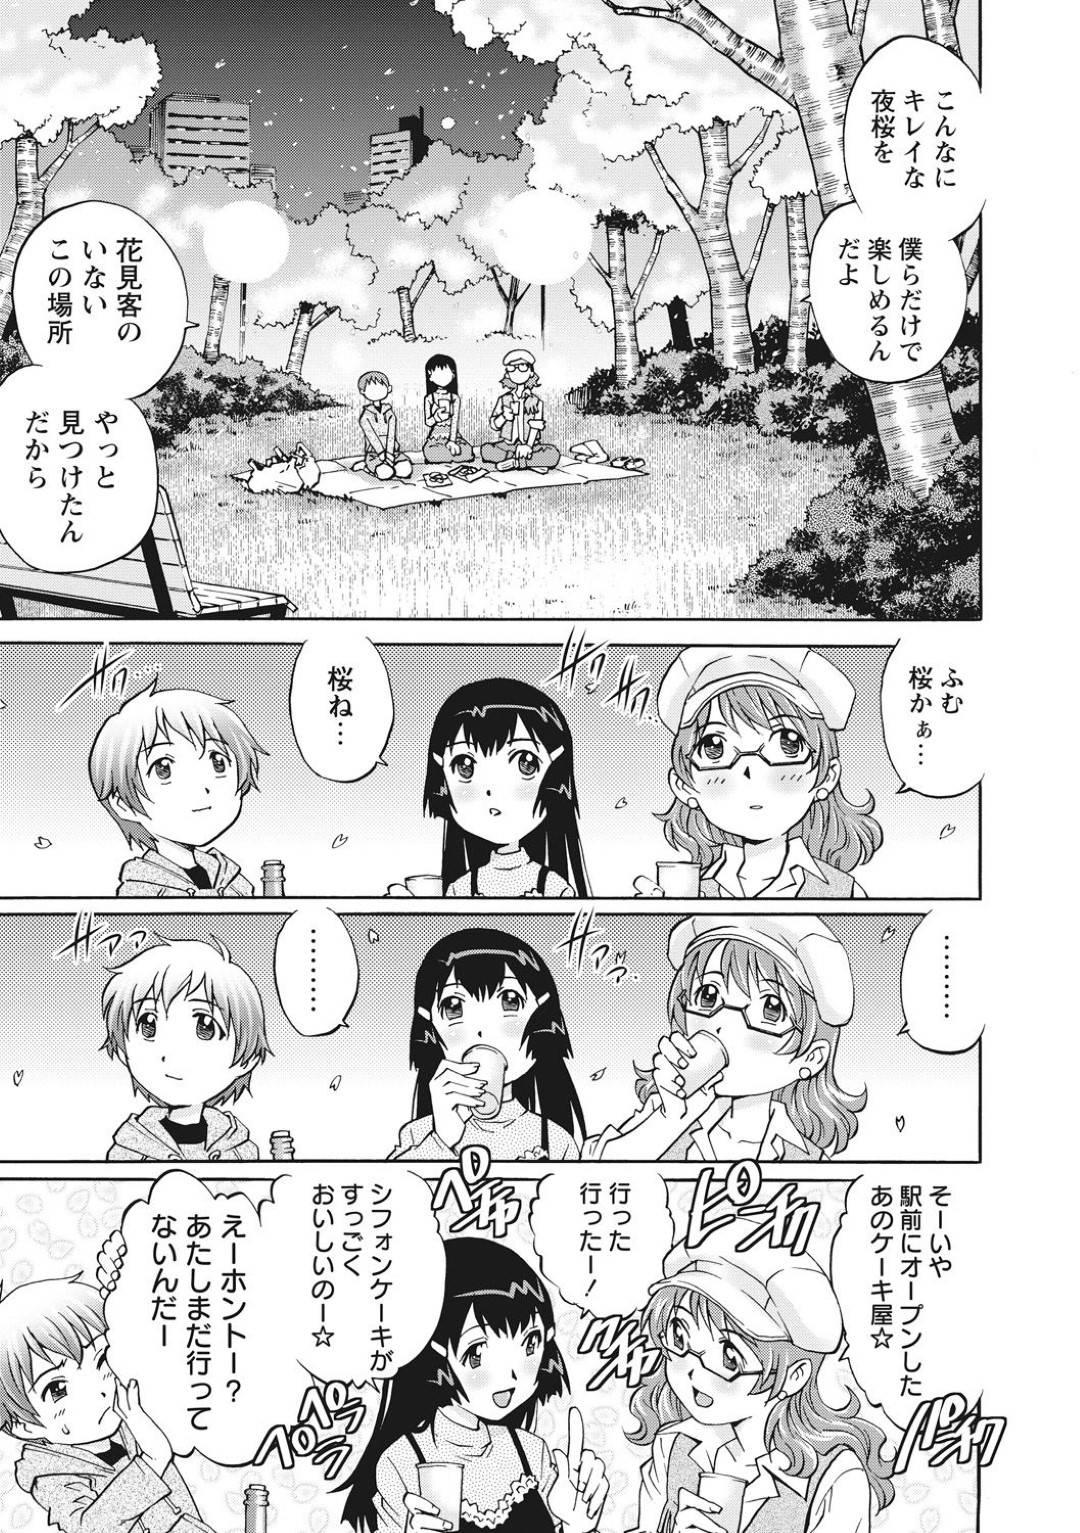 【エロ漫画】お姉さん二人と夜桜を楽しむガキ。二人はお酒も進み、イチャつき出すとガキは場を離れようとするが捕まえられ、服を脱がされると勃起したチンチンが!?二人にからかわれて、3P夜桜セックスが始まる!